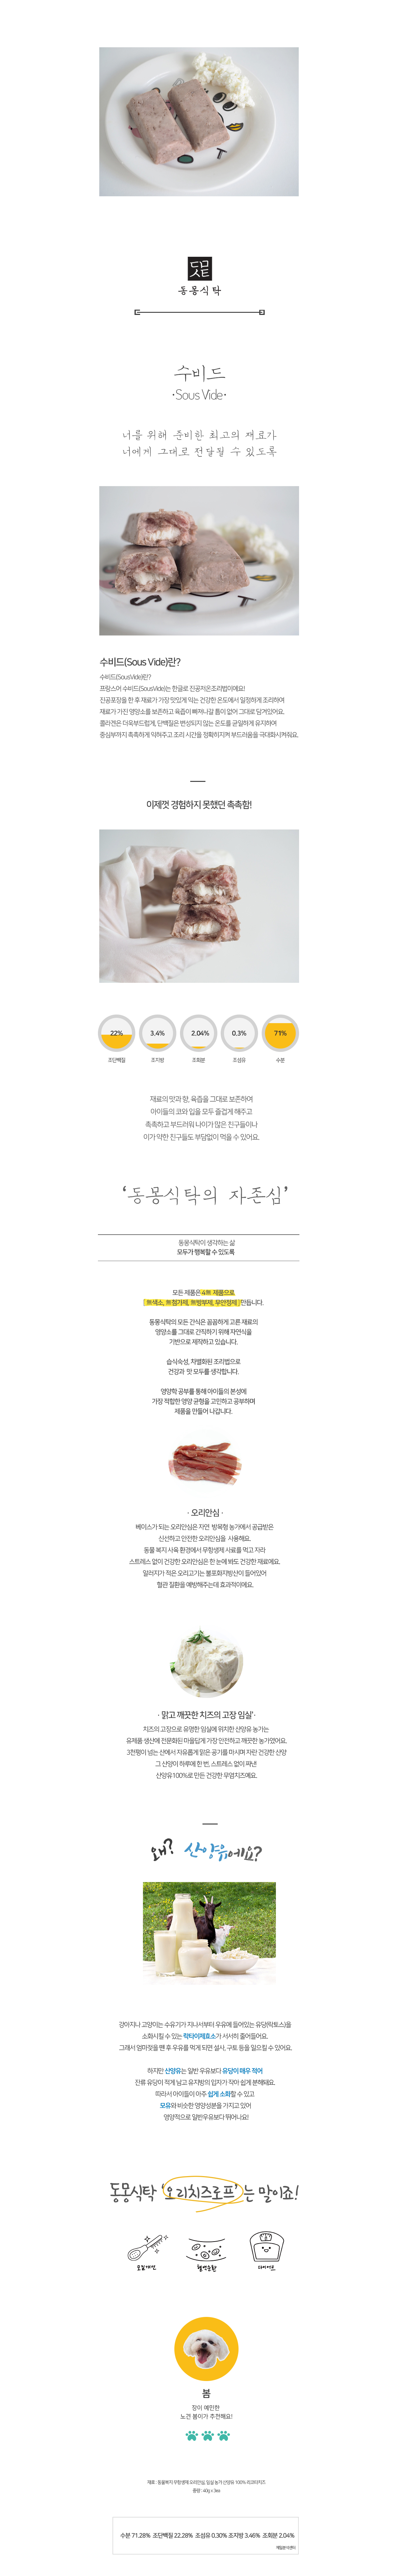 강아지 수제간식 산양유치즈 오리로프 3p,120g - 동몽식탁, 6,500원, 간식/영양제, 수제간식